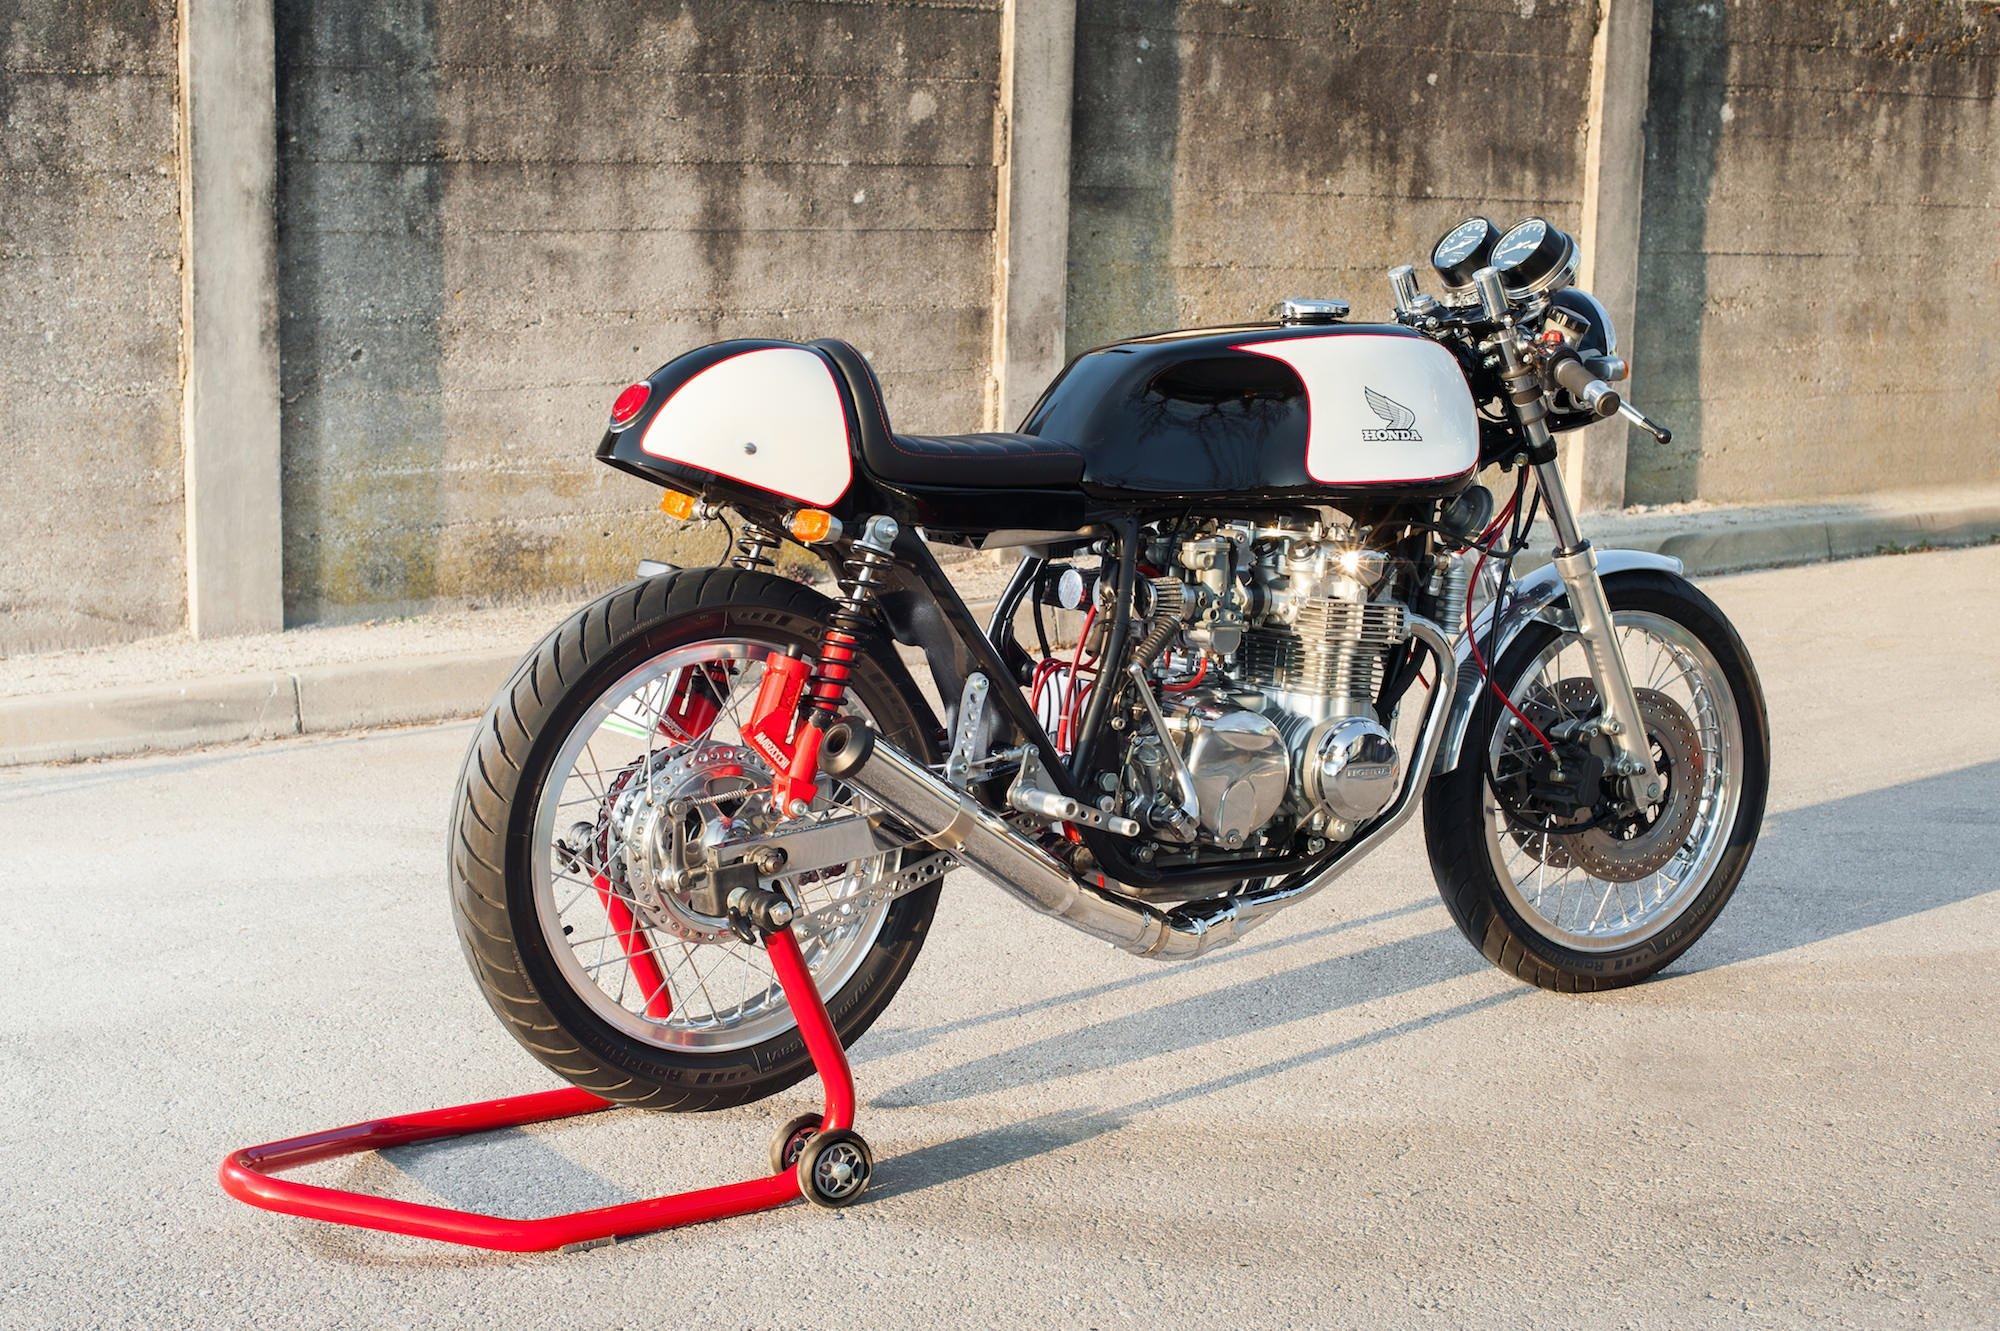 A Classic Honda CB550 Cafe Racer